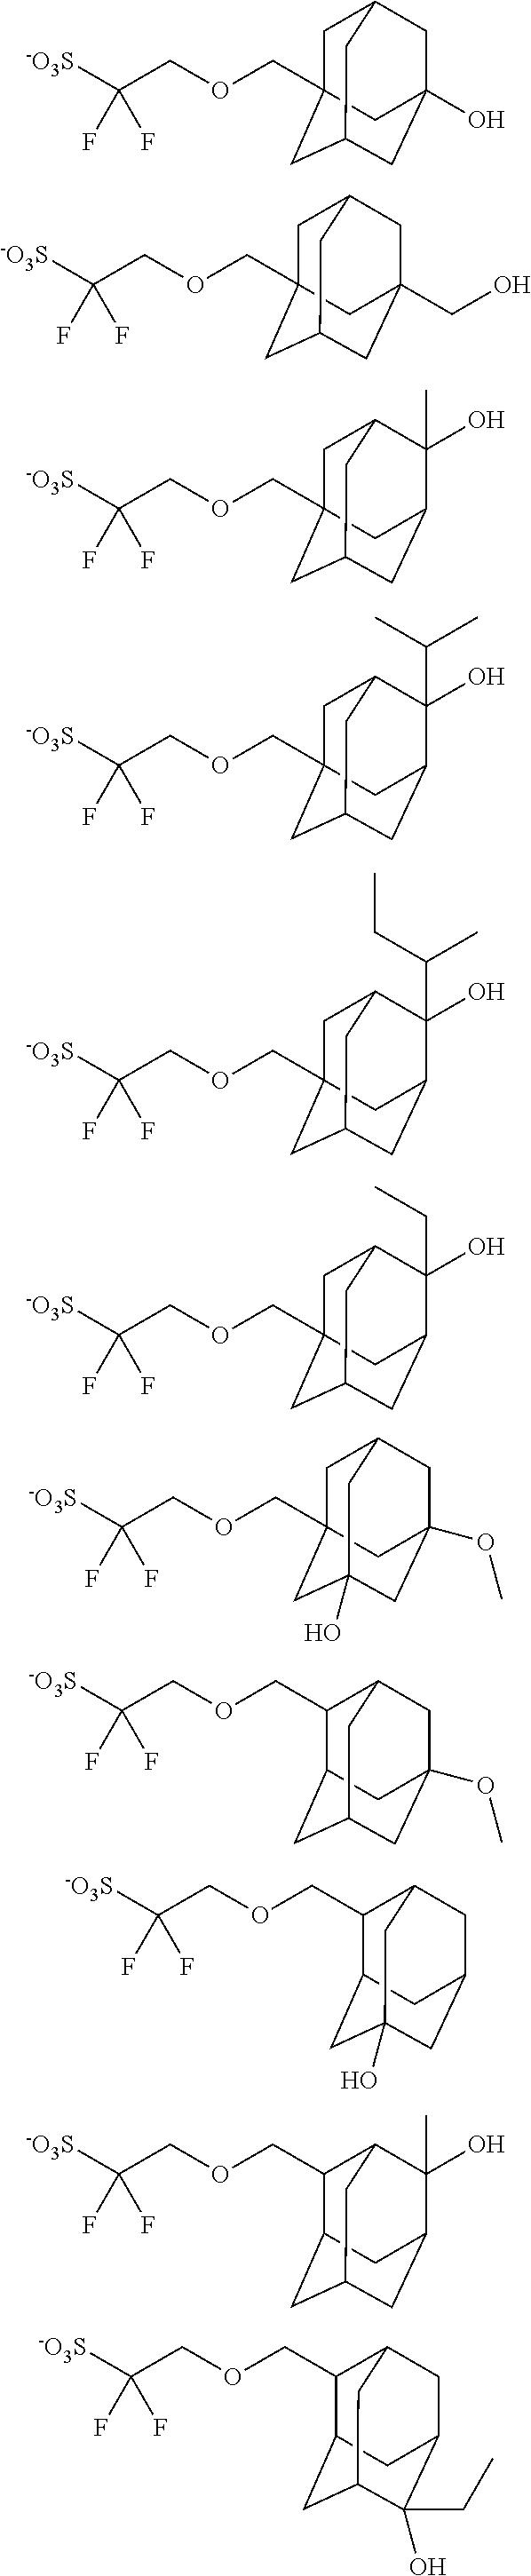 Figure US20100323296A1-20101223-C00127